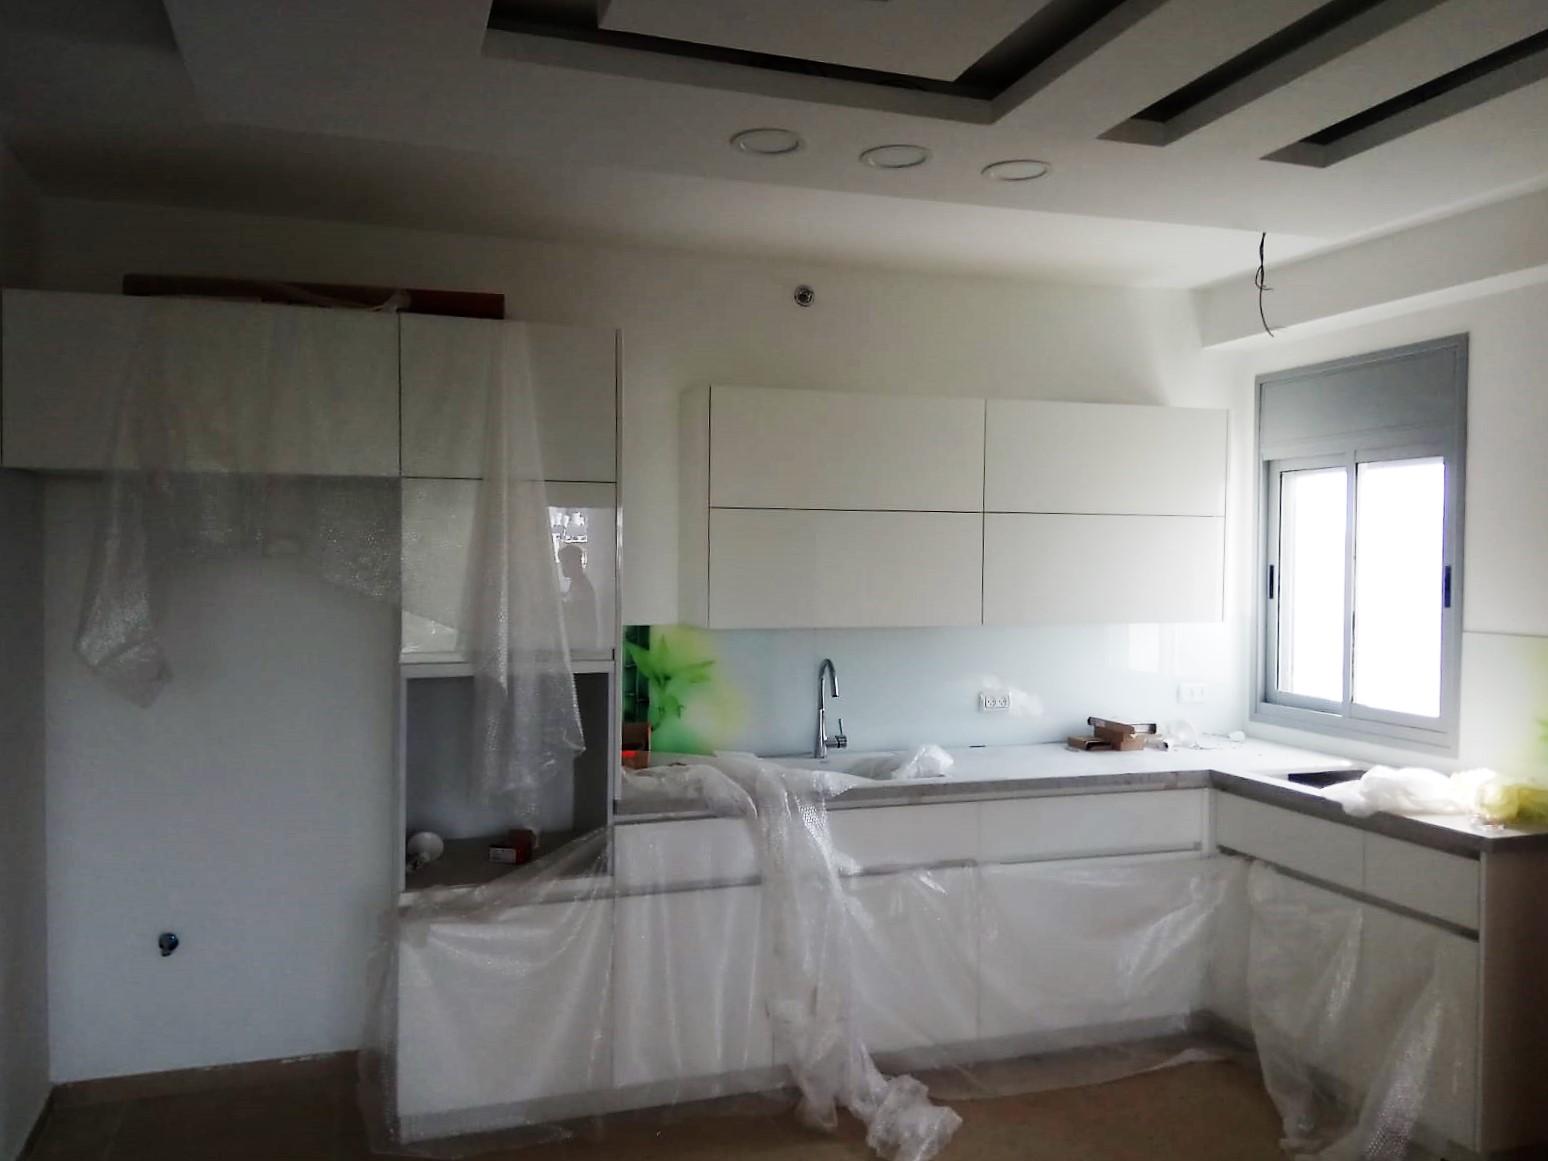 דירה למכירה 3 חדרים 1,900,000₪, בת ים